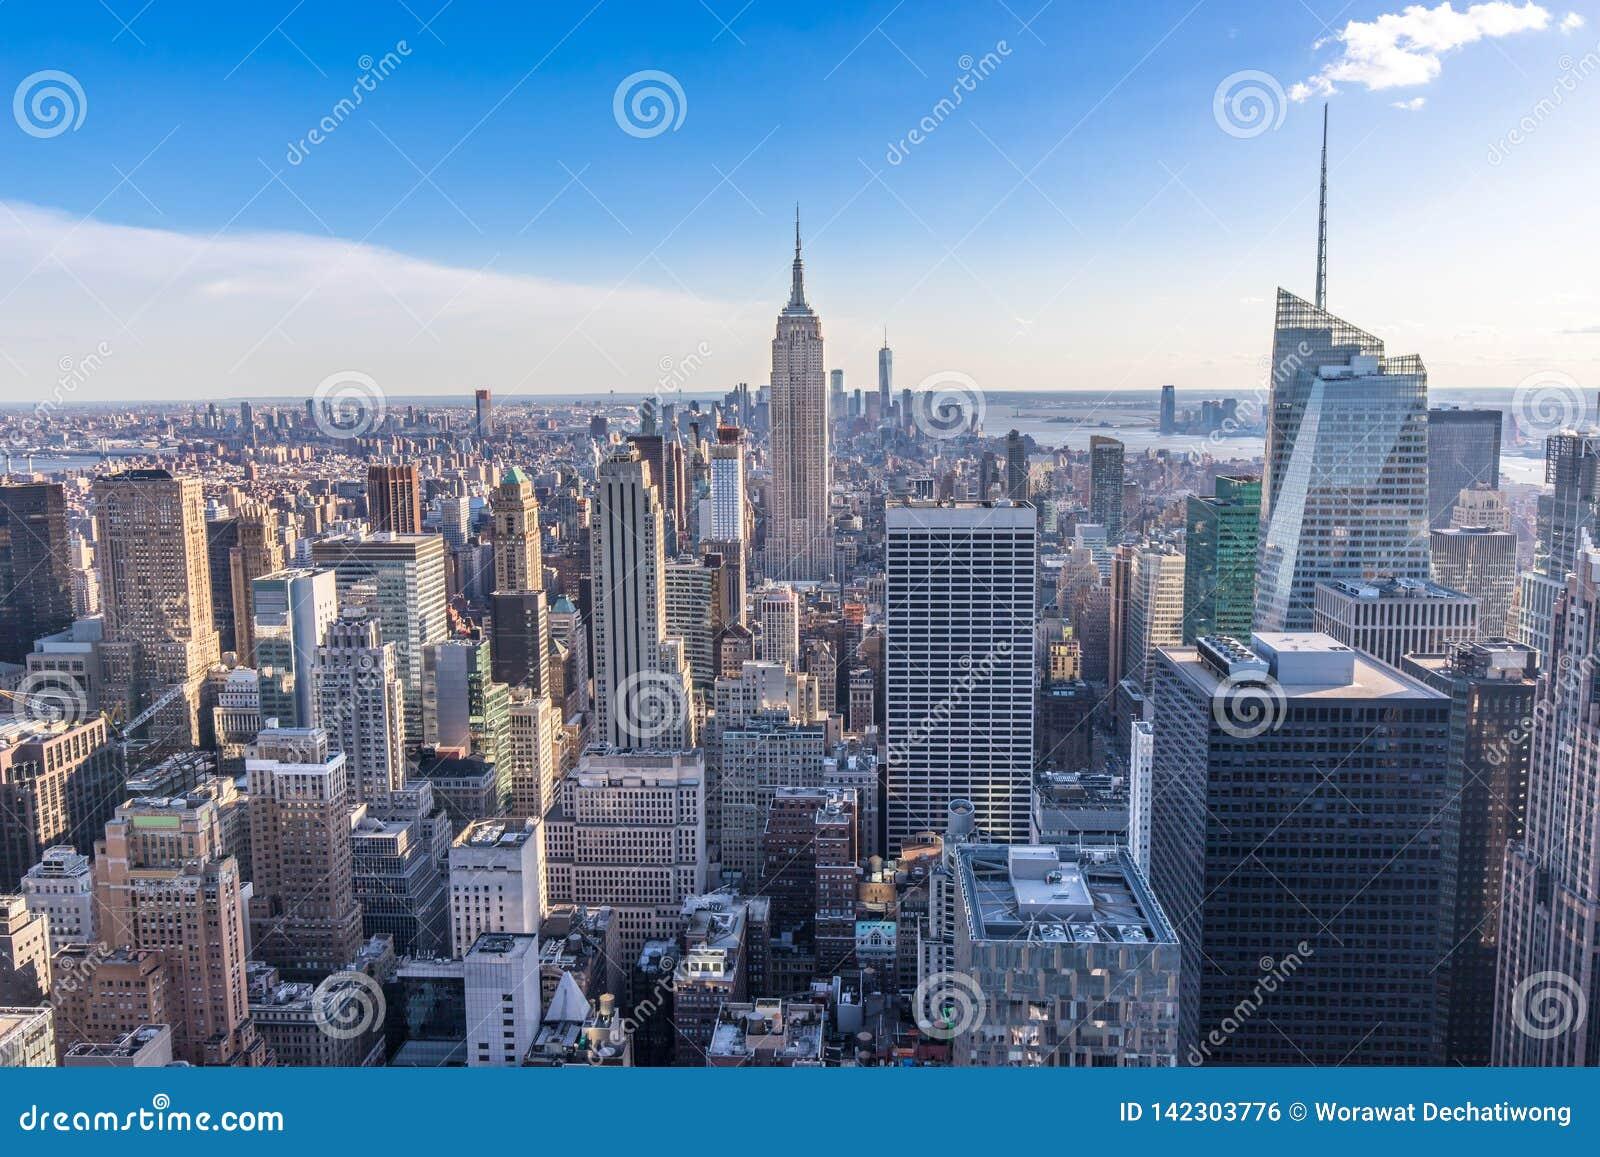 De Stadshorizon van New York in Manhattan de stad in met Empire State Building en wolkenkrabbers op zonnige dag met duidelijke bl